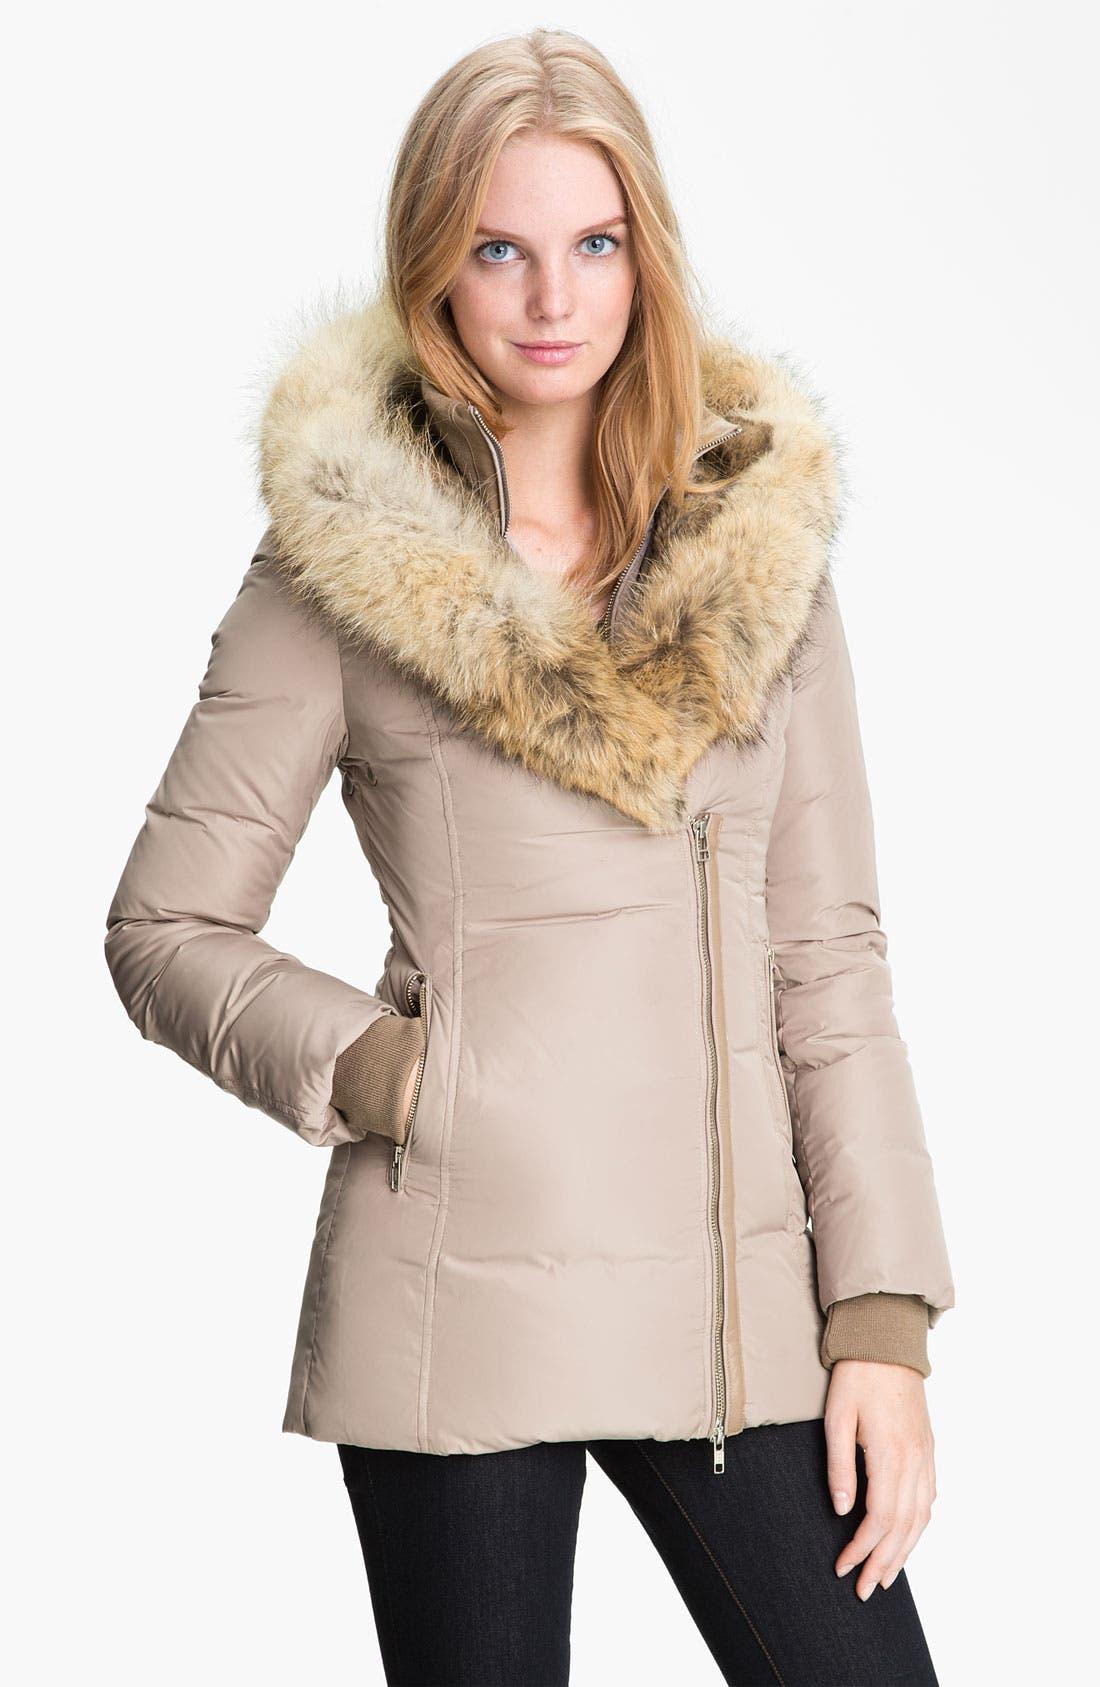 MACKAGE 'Akiva' Genuine Fox & Rabbit Fur Trim Down Coat, Main, color, 250